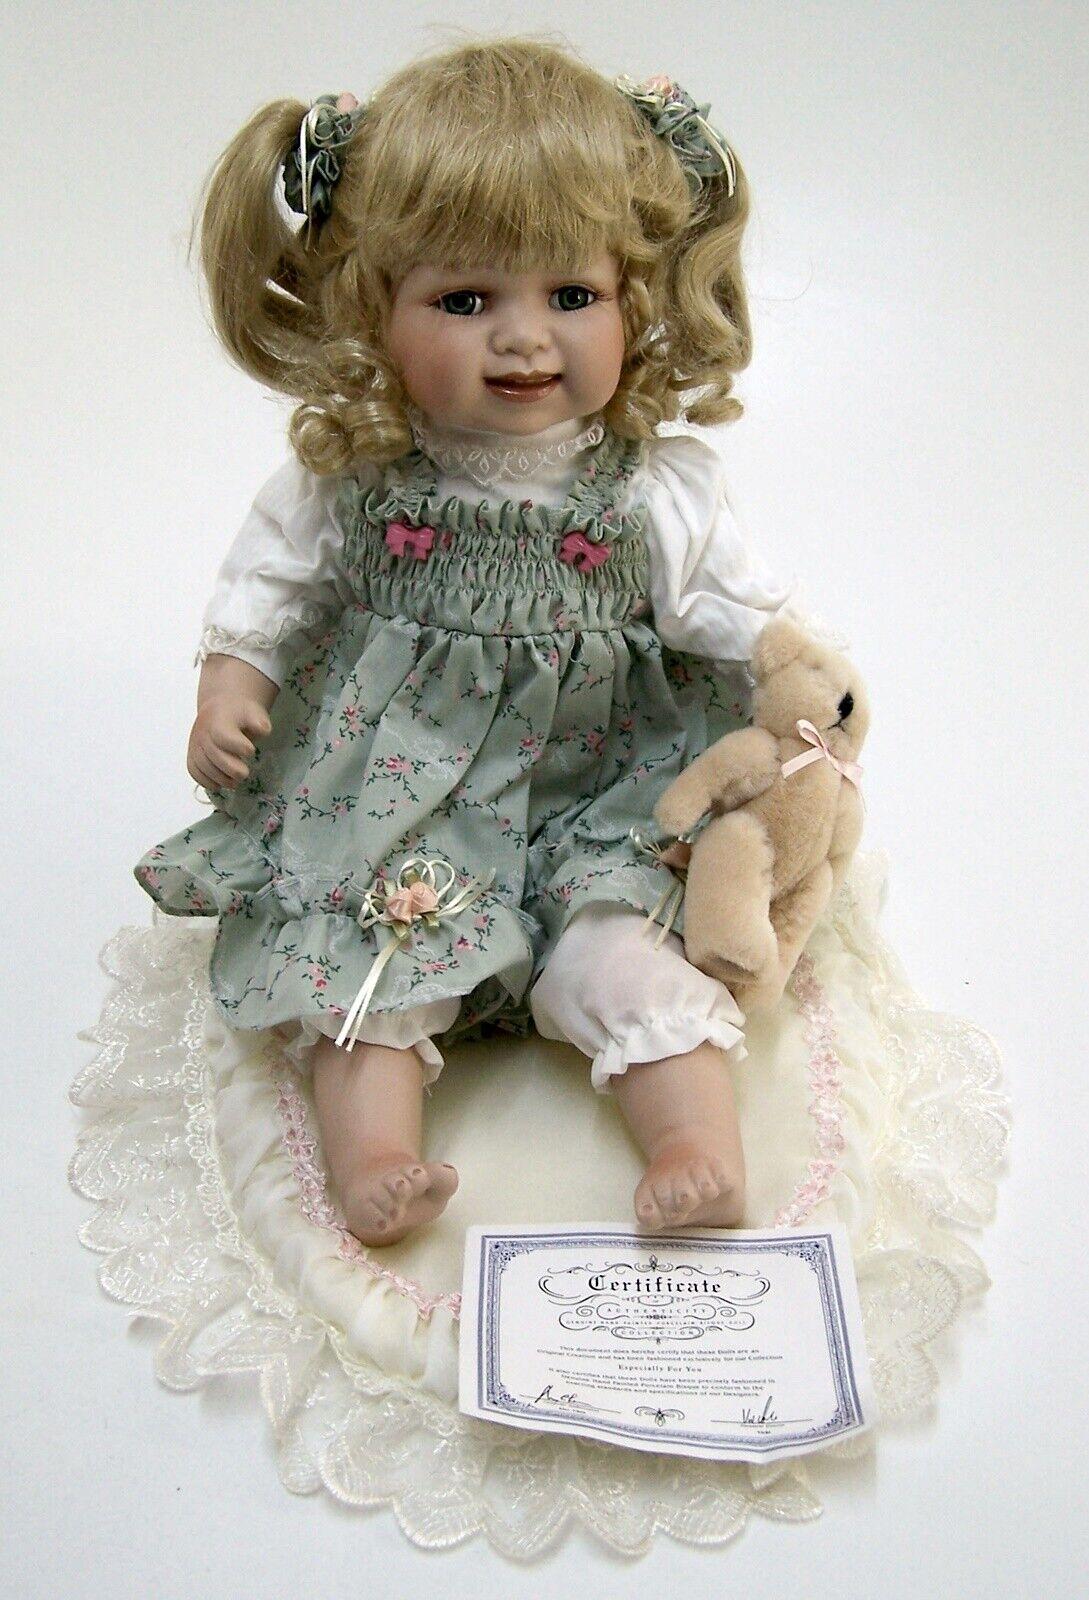 Sammlerpuppe mit Porzellankopf   Mädchen mit Teddy & Sitzdecke   sitzend H 31cm